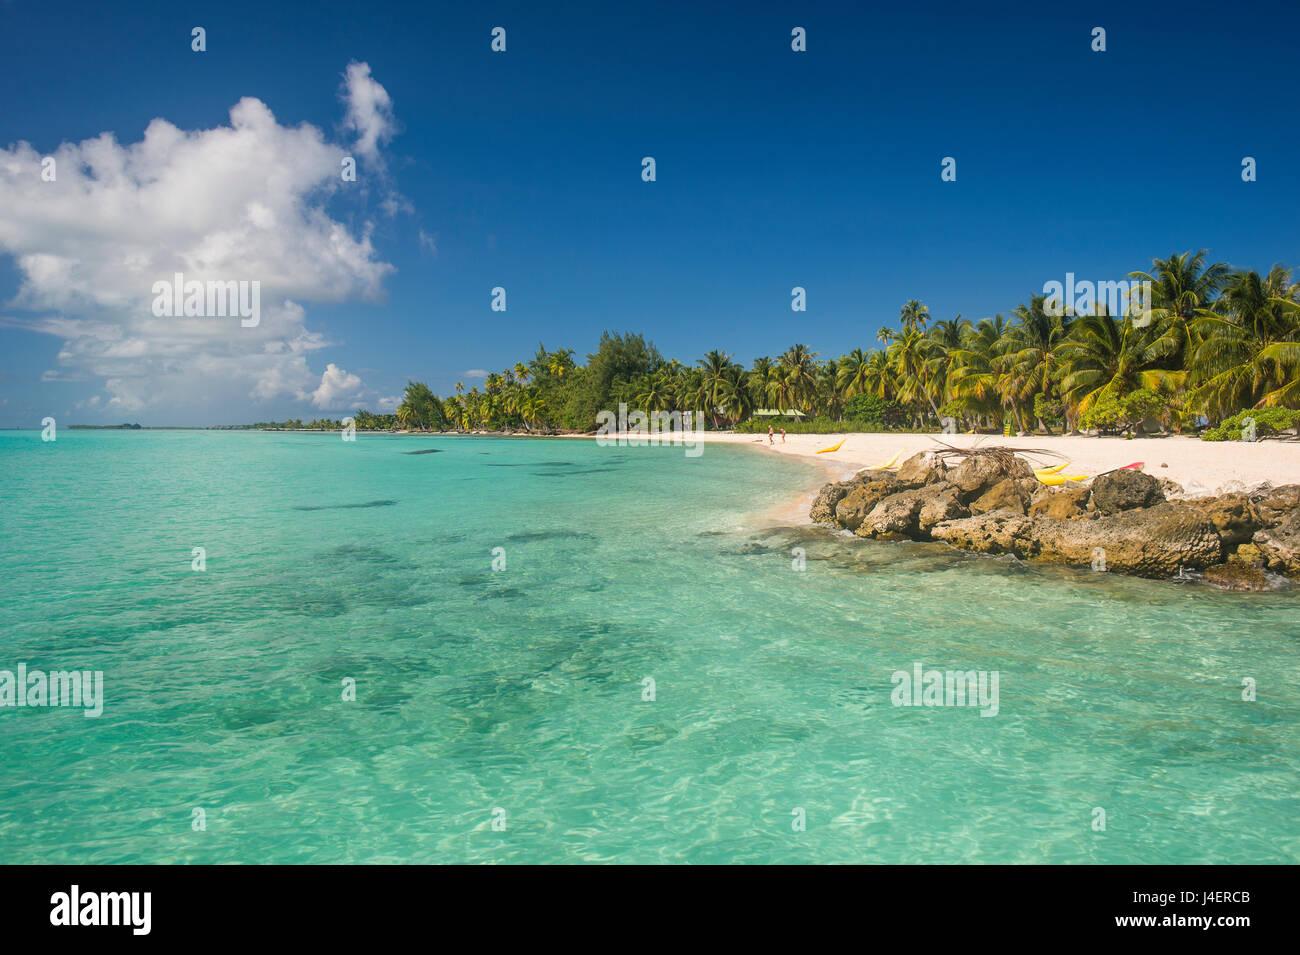 Bella da palme spiaggia di sabbia bianca nelle acque turchesi di Tikehau, Tuamotus, Polinesia francese, Pacific Immagini Stock